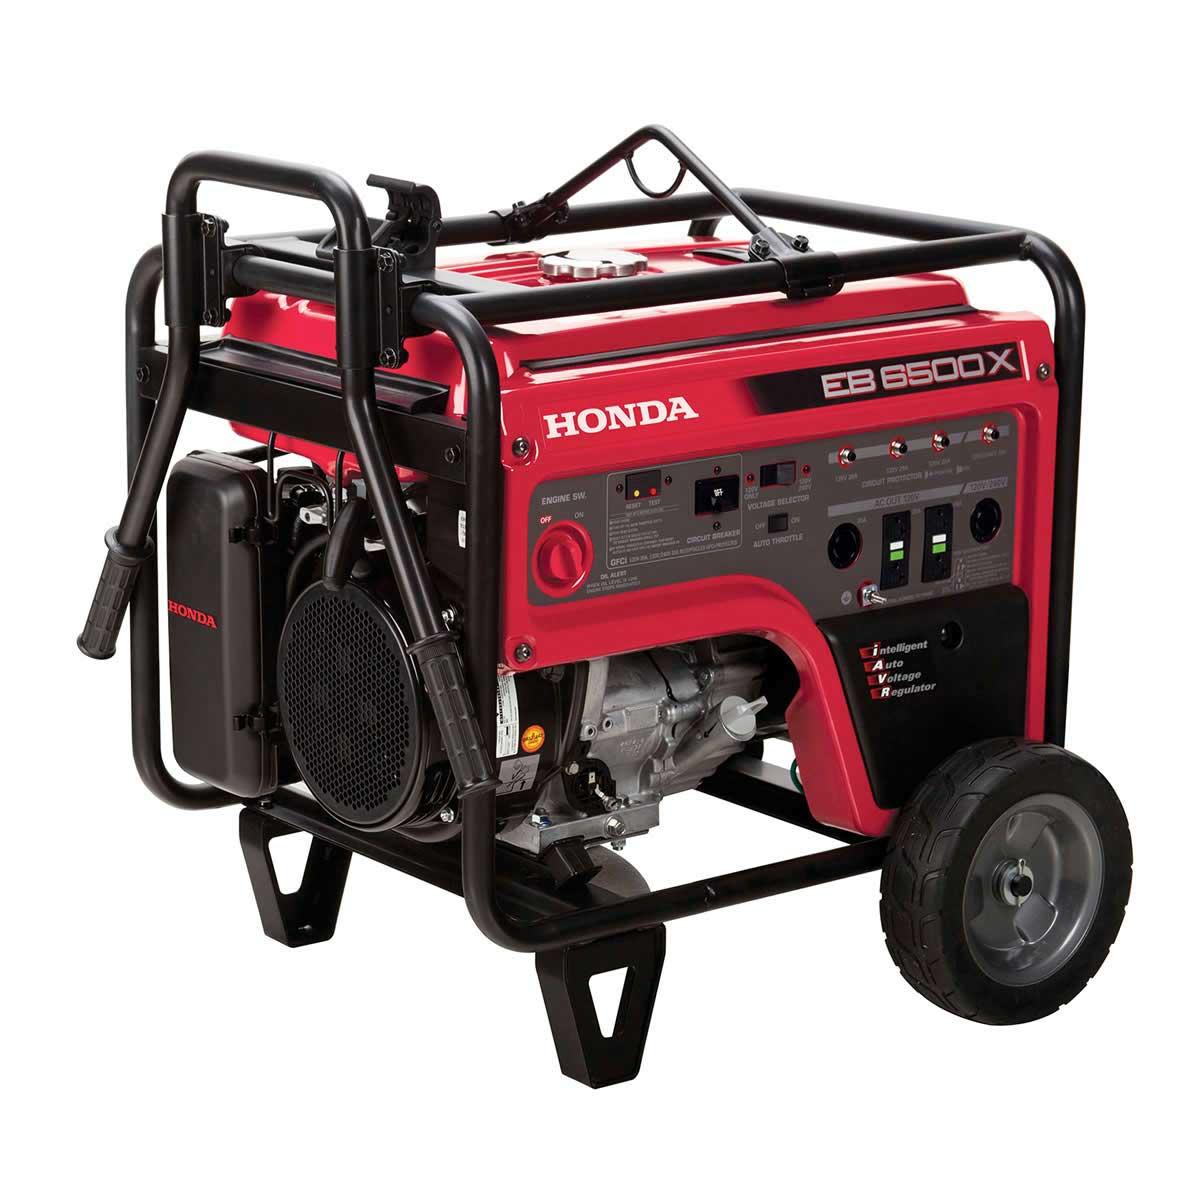 Honda Generator EB6500